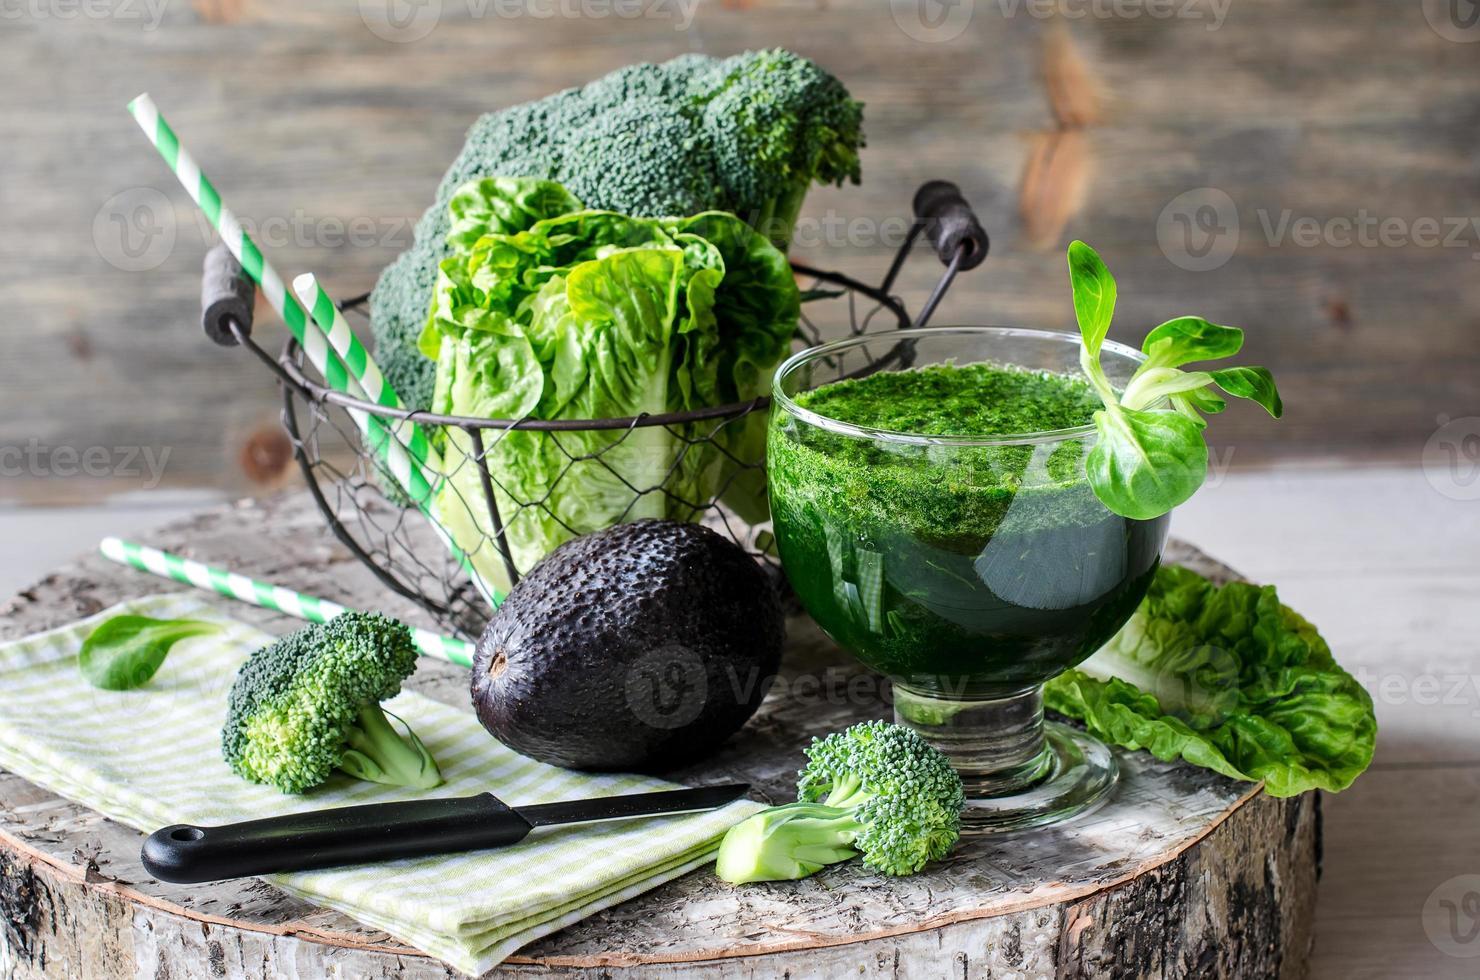 smoothie verde com abacate e brócolis horizontal foto